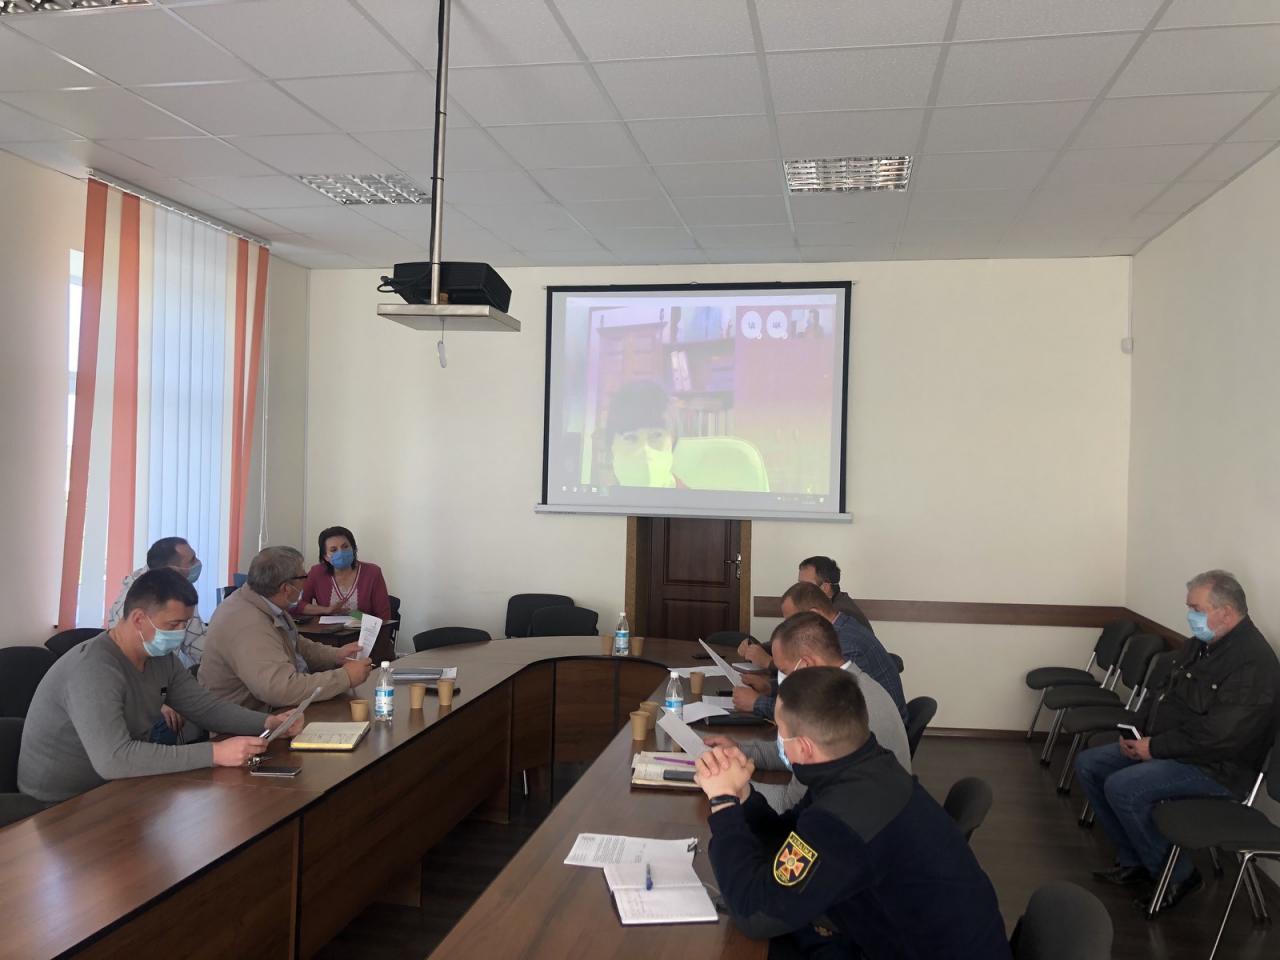 http://dunrada.gov.ua/uploadfile/archive_news/2020/05/22/2020-05-22_141/images/images-29016.jpg